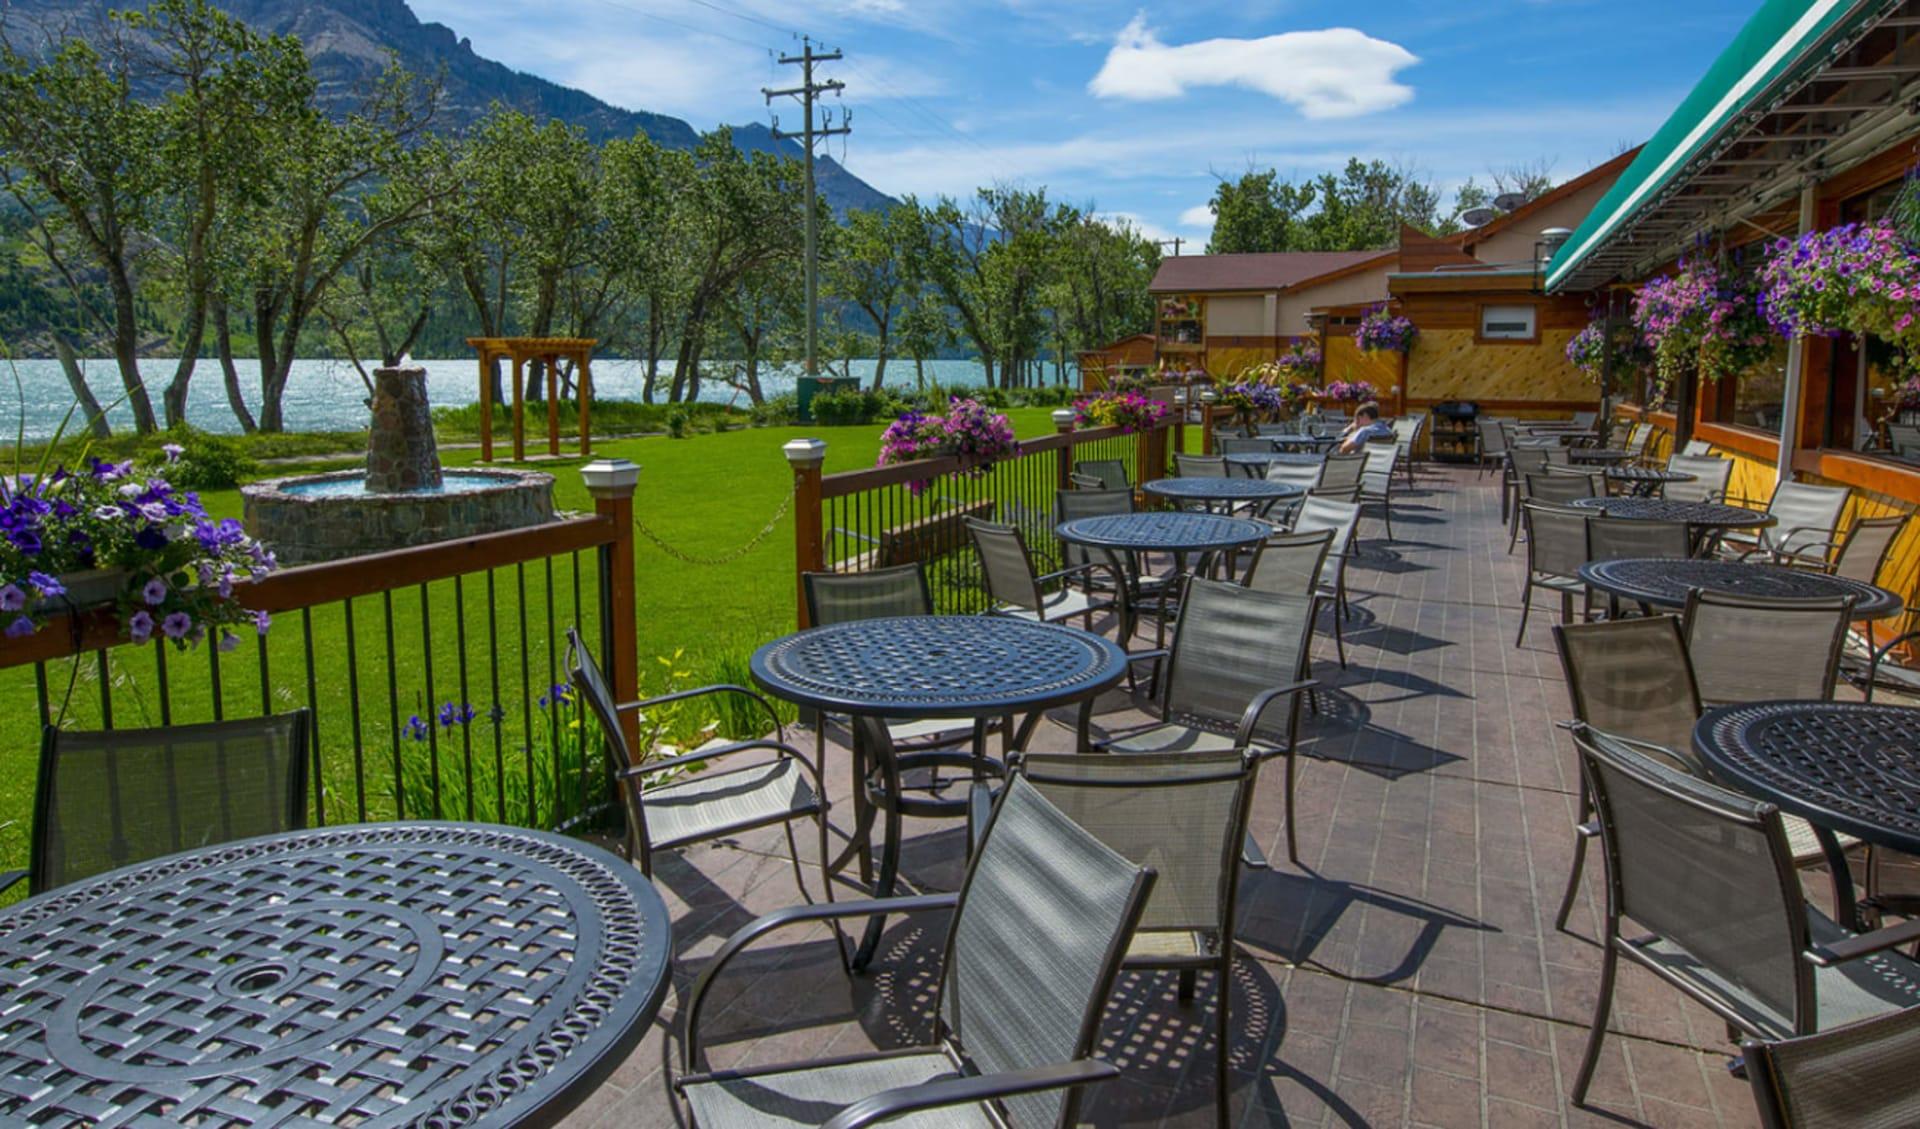 Bayshore Inn Resort & Spa in Waterton Lakes Nationalpark: facilities_Bayshore Inn Resort & Spa_ChophousePatio